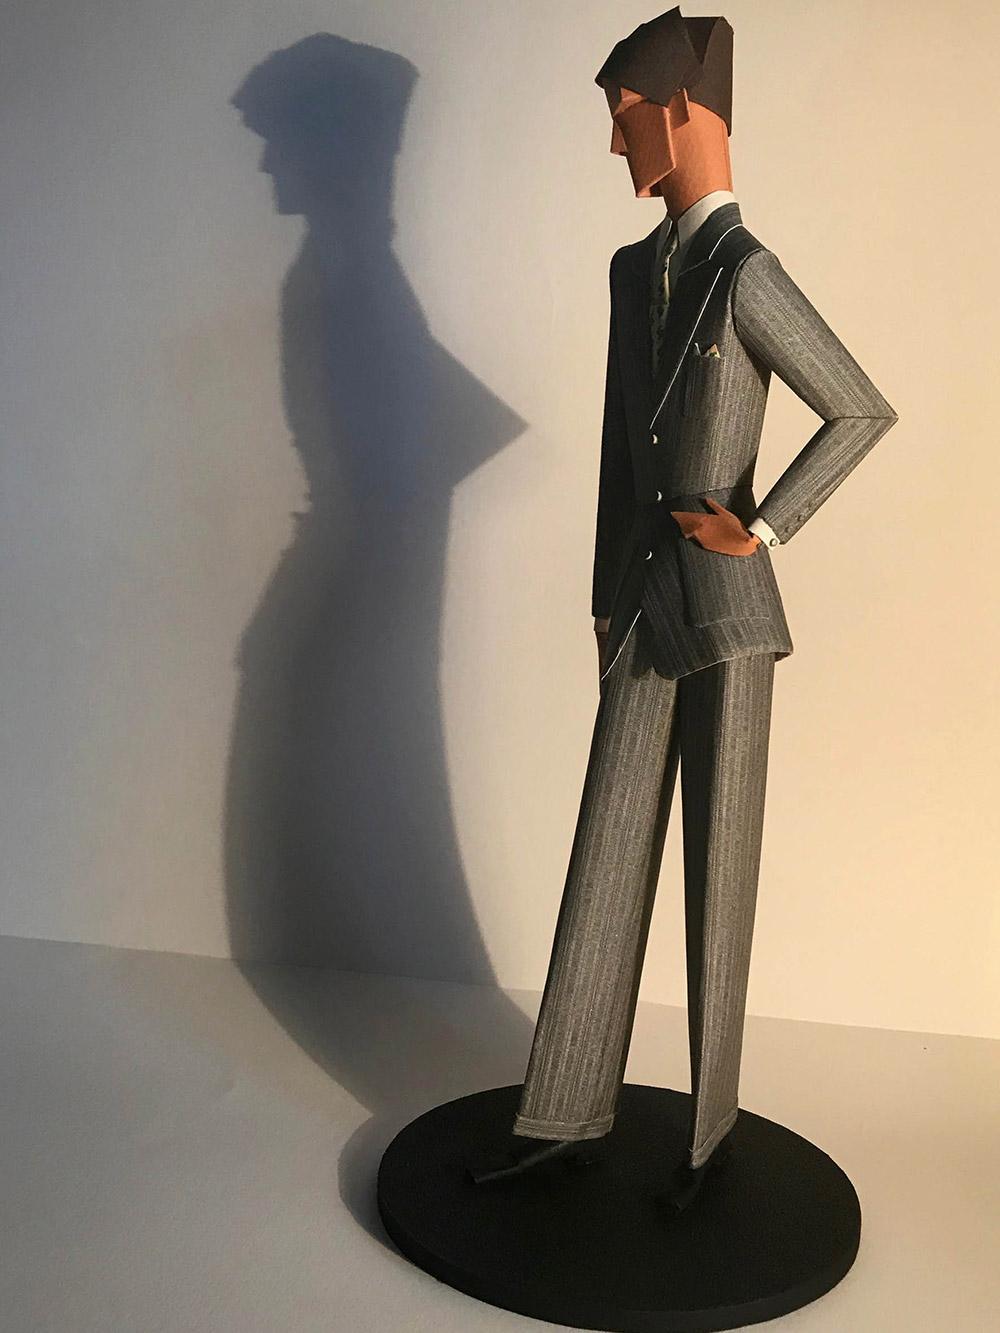 8-saint-aubin-Elegant-au-costume-gris-3-galerie-bettina-art-contemporain-paris